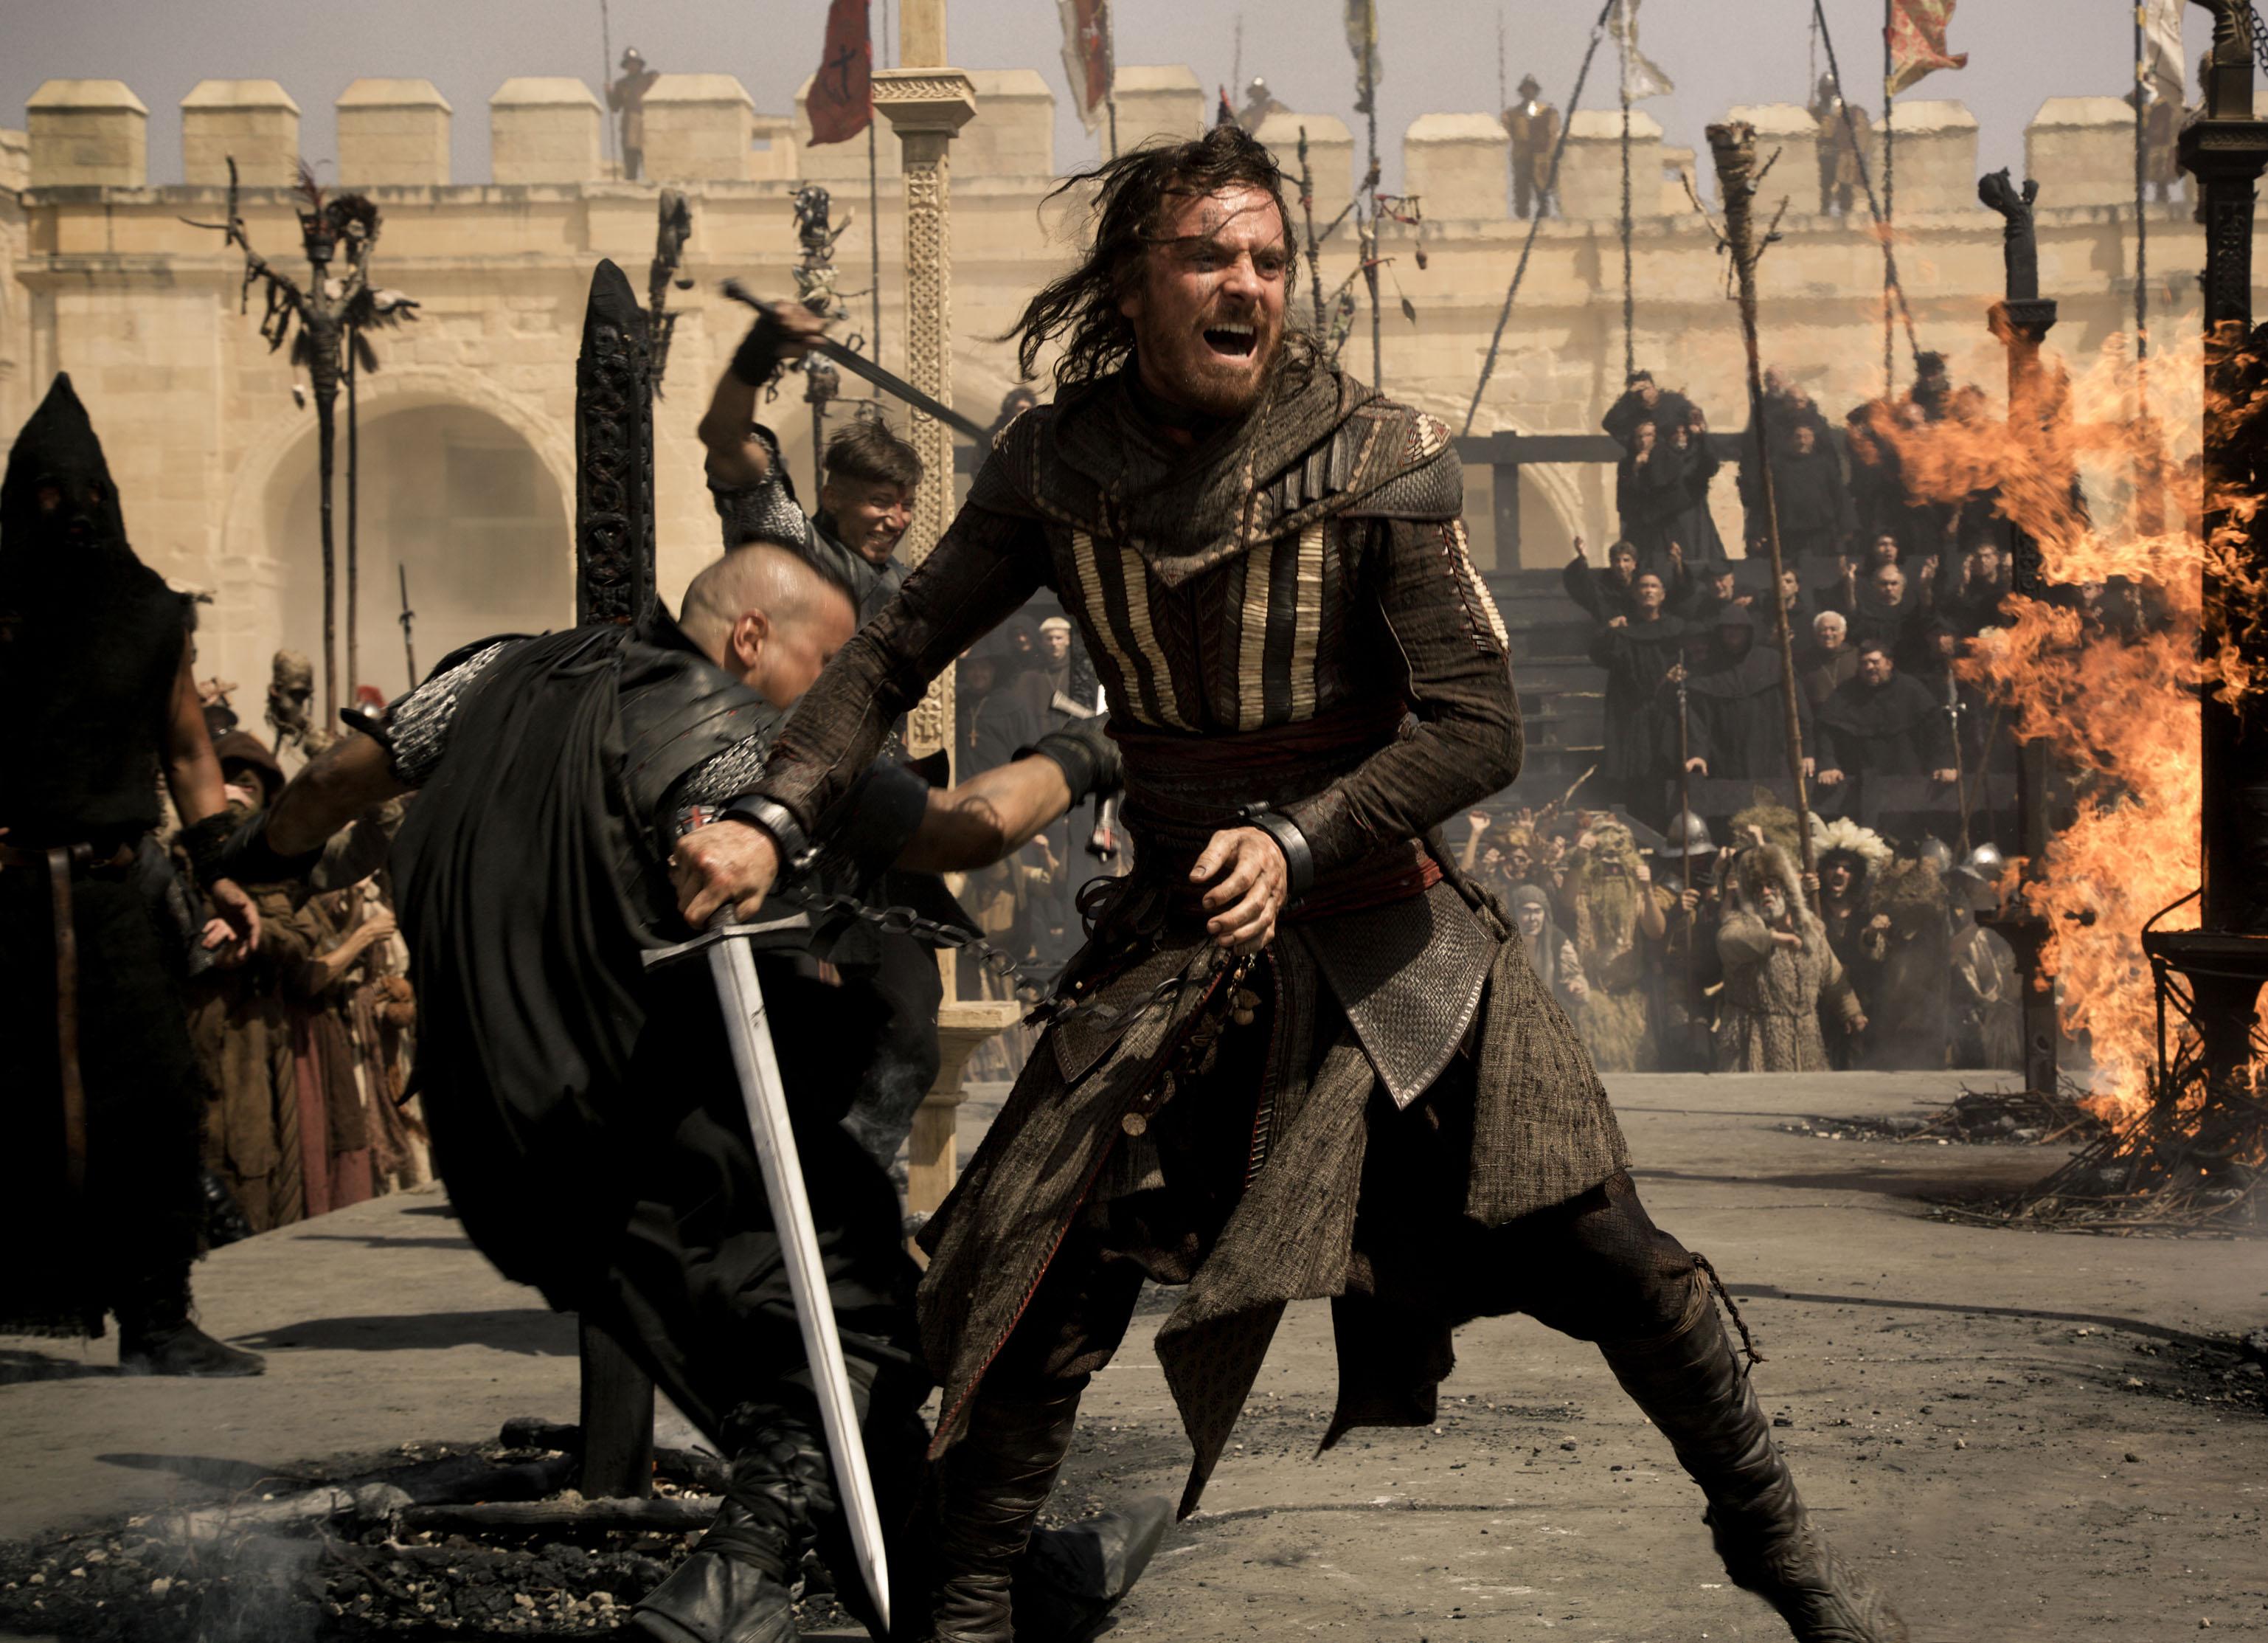 Assassins Creed Истоки  Скоро на PS4 Xbox One PC  Ubisoft